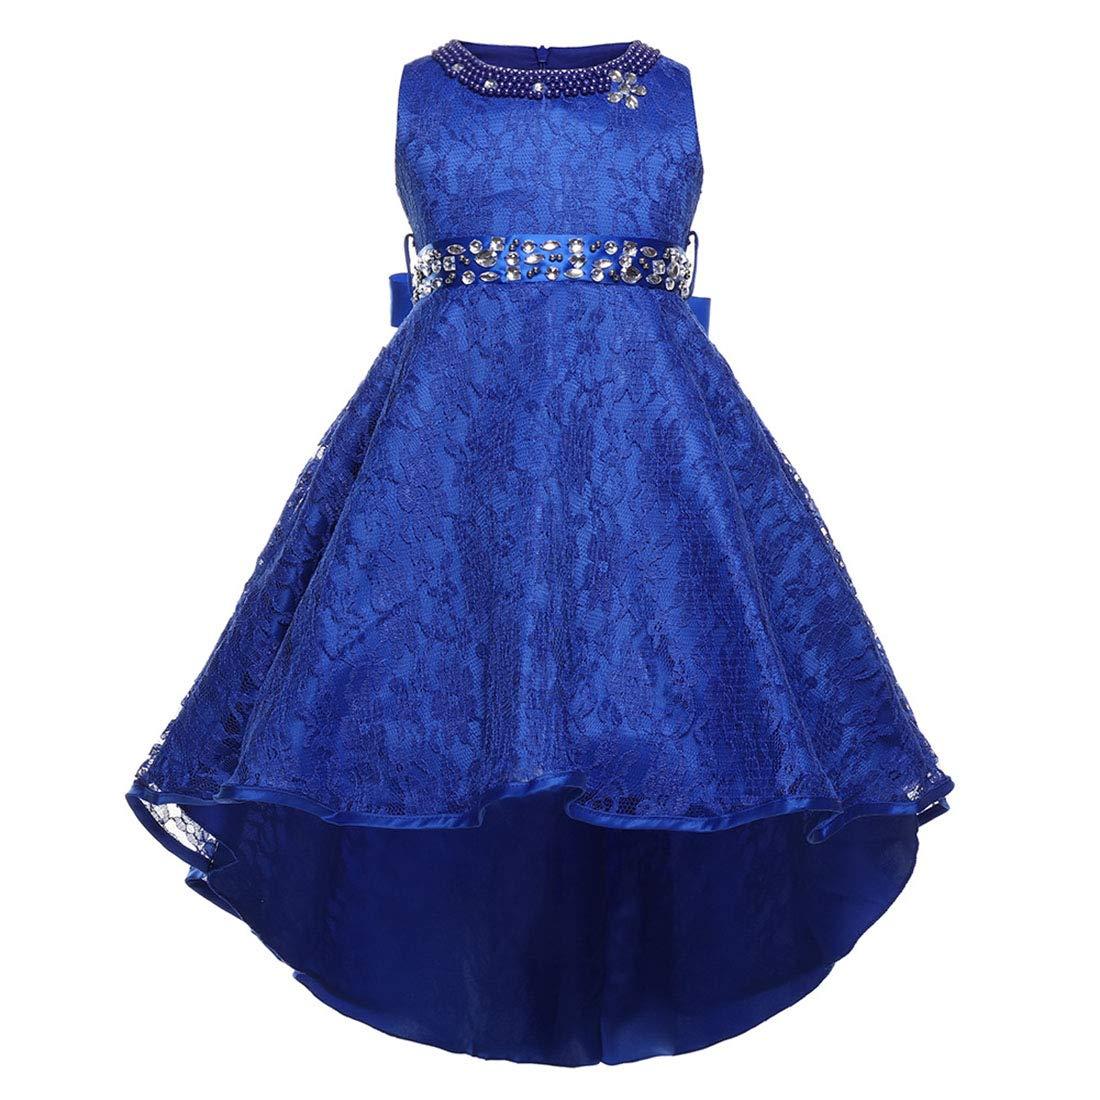 bleu 130cm MALLTY Robe de soirée de Noces pour bébé Robes Swing élégantes avec Ceinture pour Enfants Filles (Couleur   bleu, Taille   160cm)